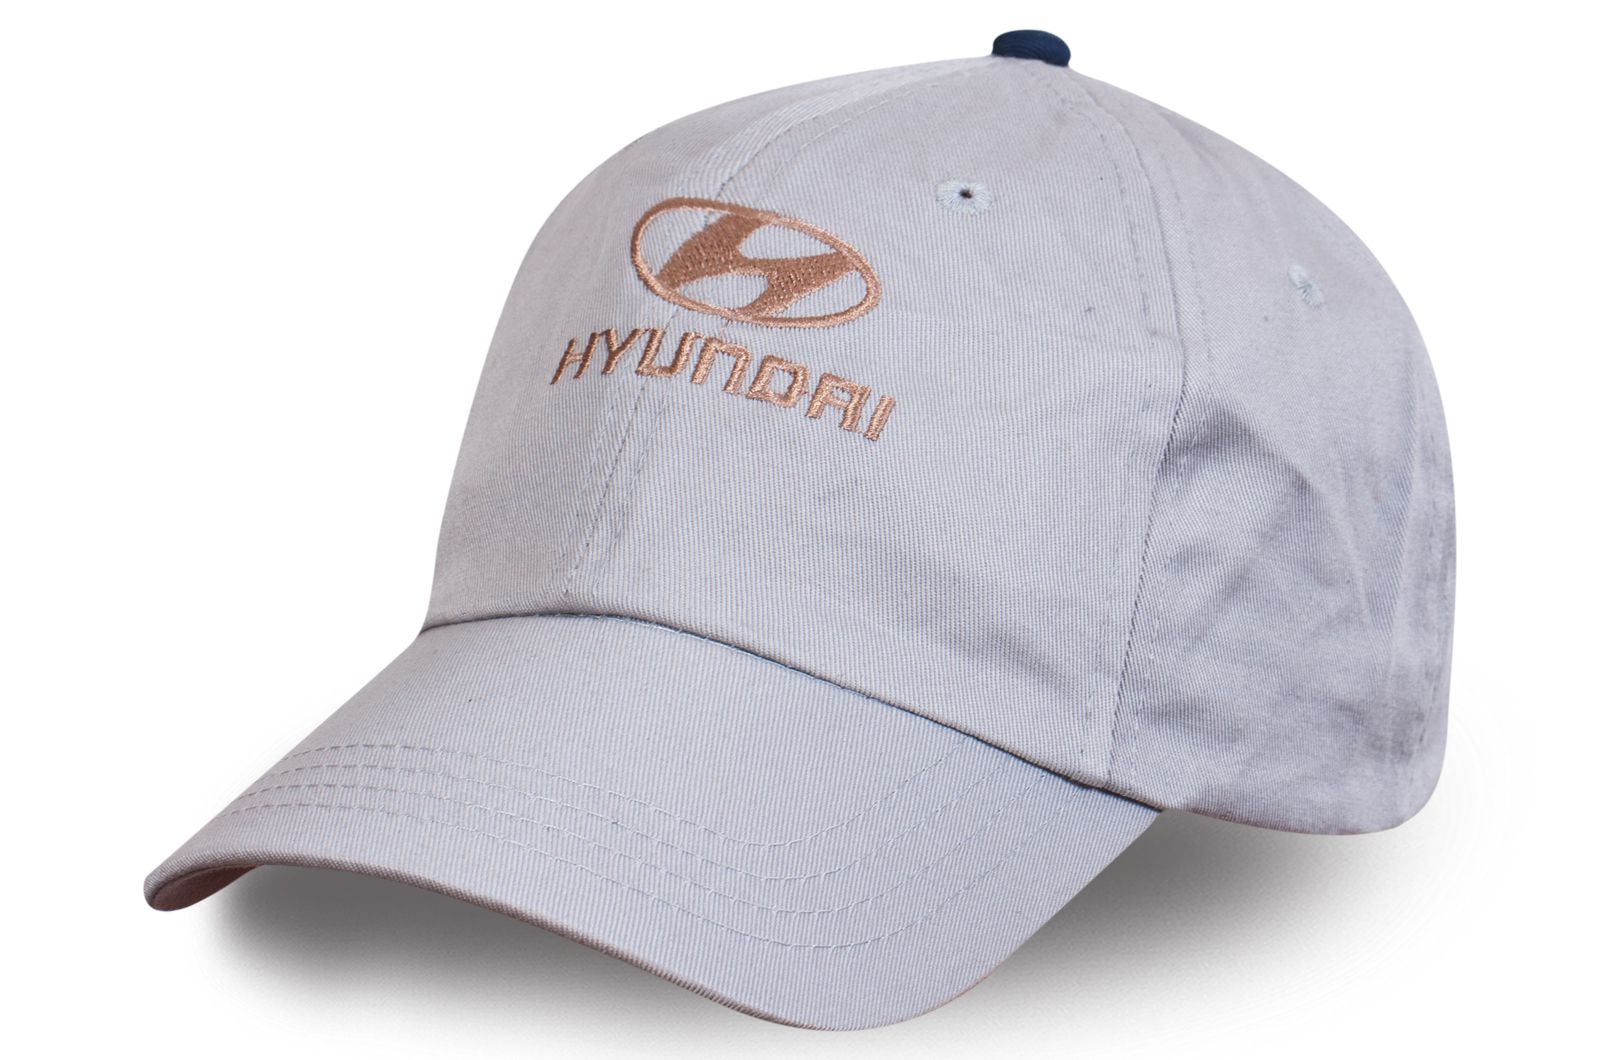 Бейсболка Хендай | Купить брендовую бейсболку с логотипом авто